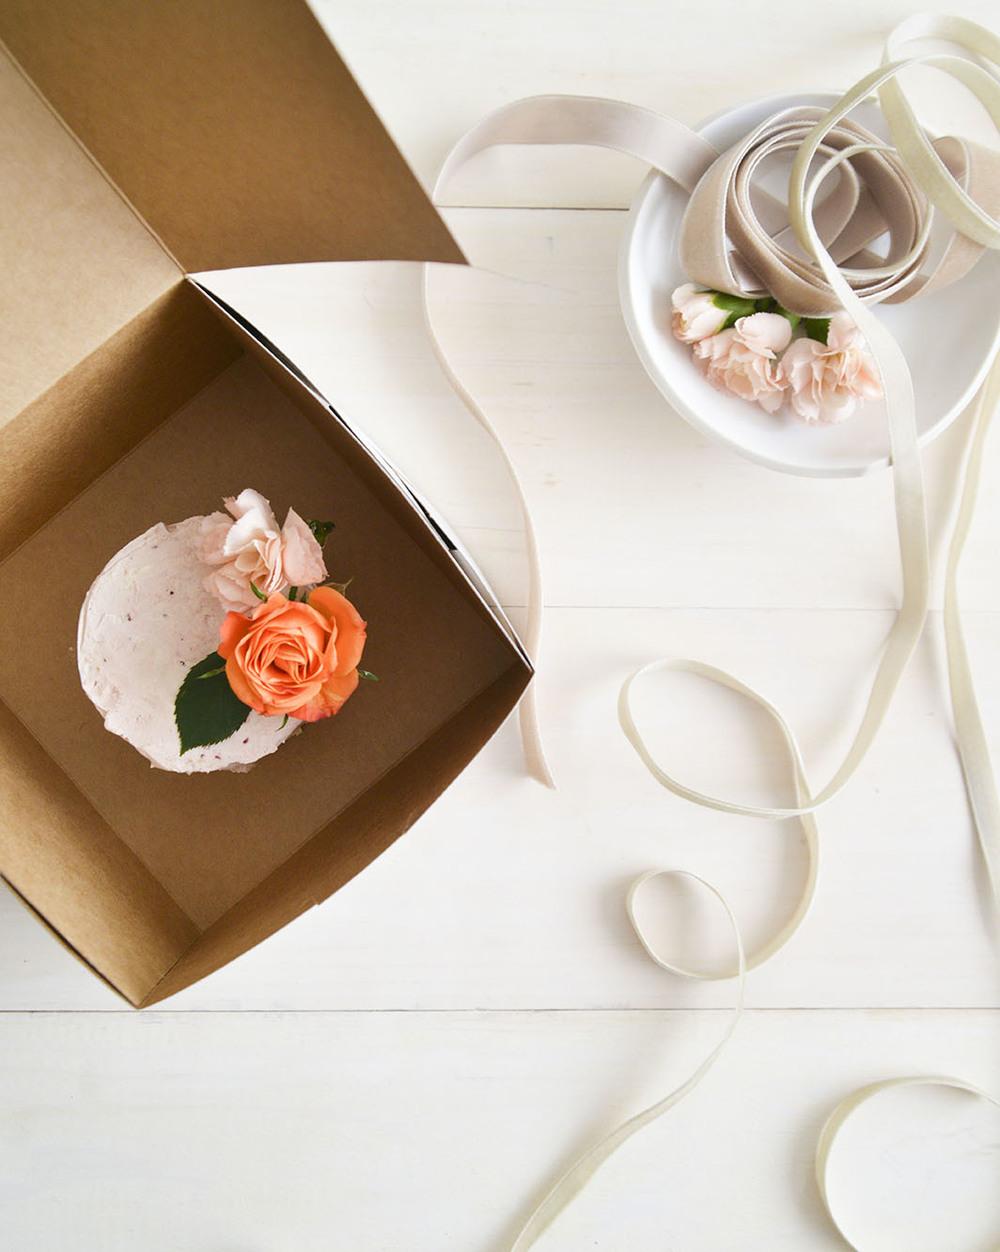 localcreative-marthastewart-valentines-lael-cake-flowers-gift-3 (4).jpg